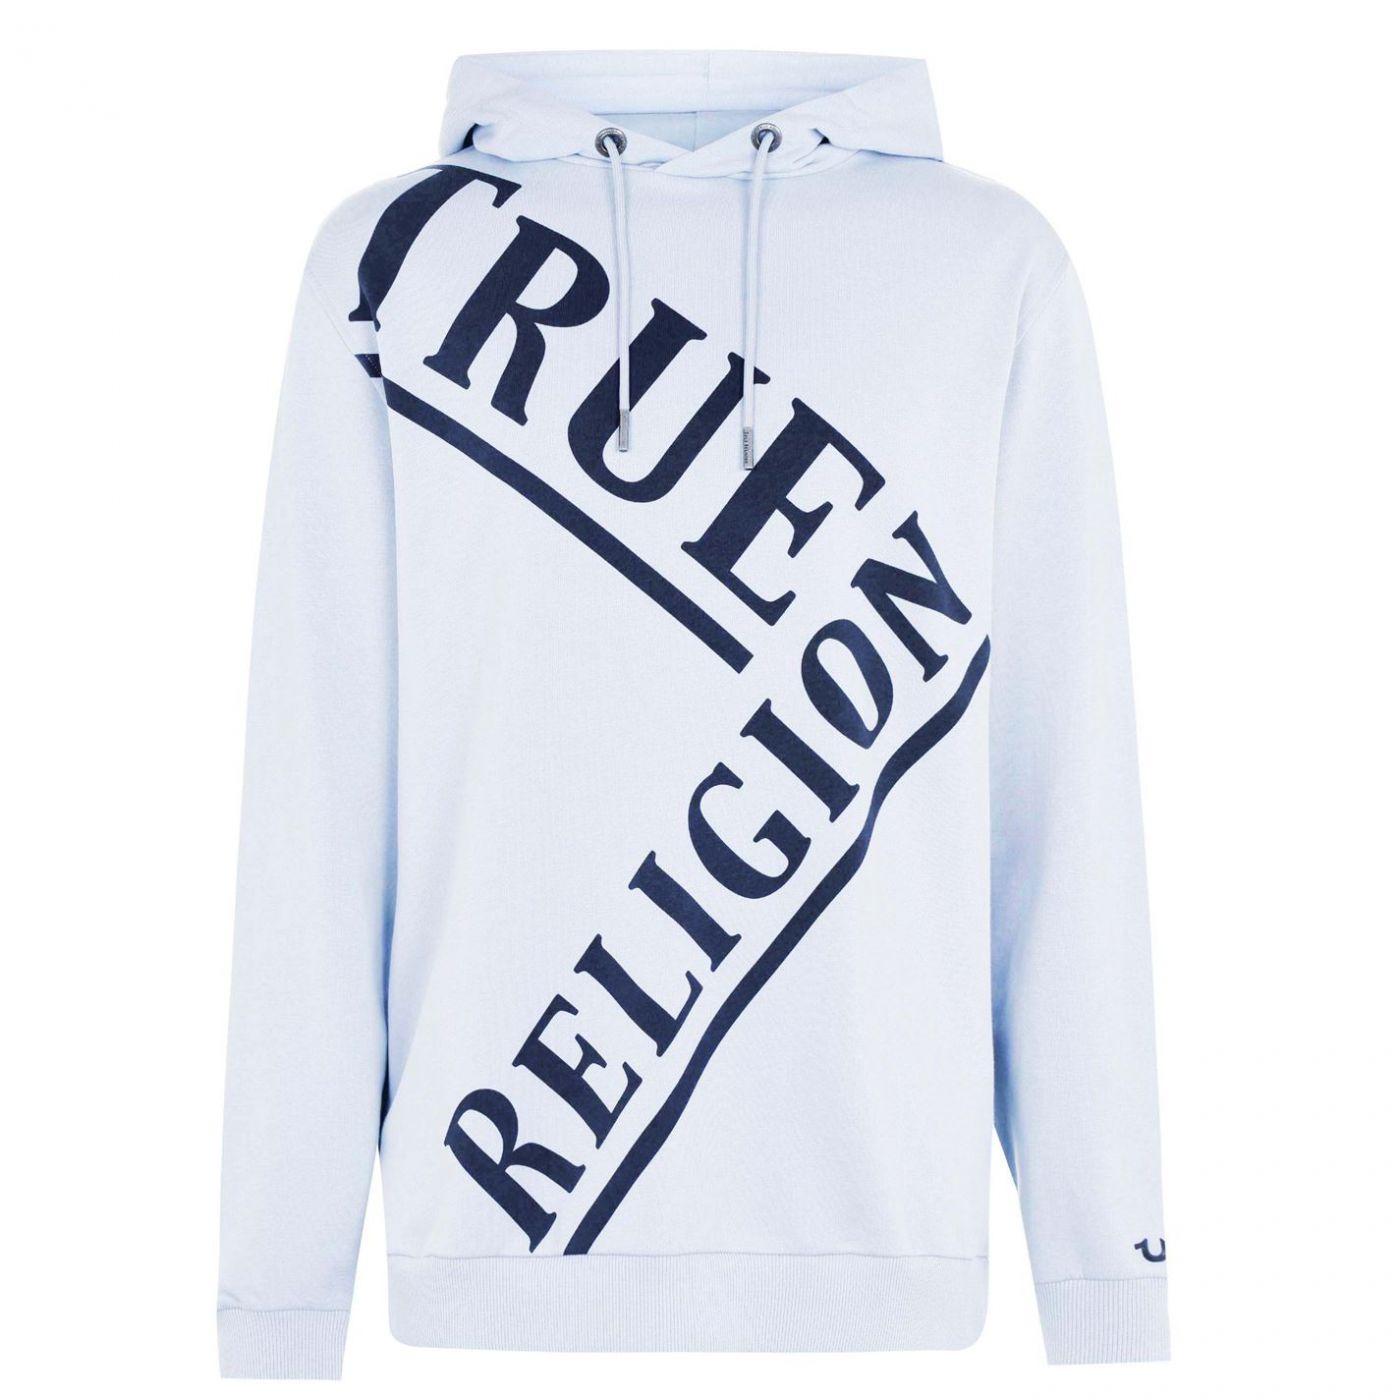 True Religion Text Hoody Snr 04